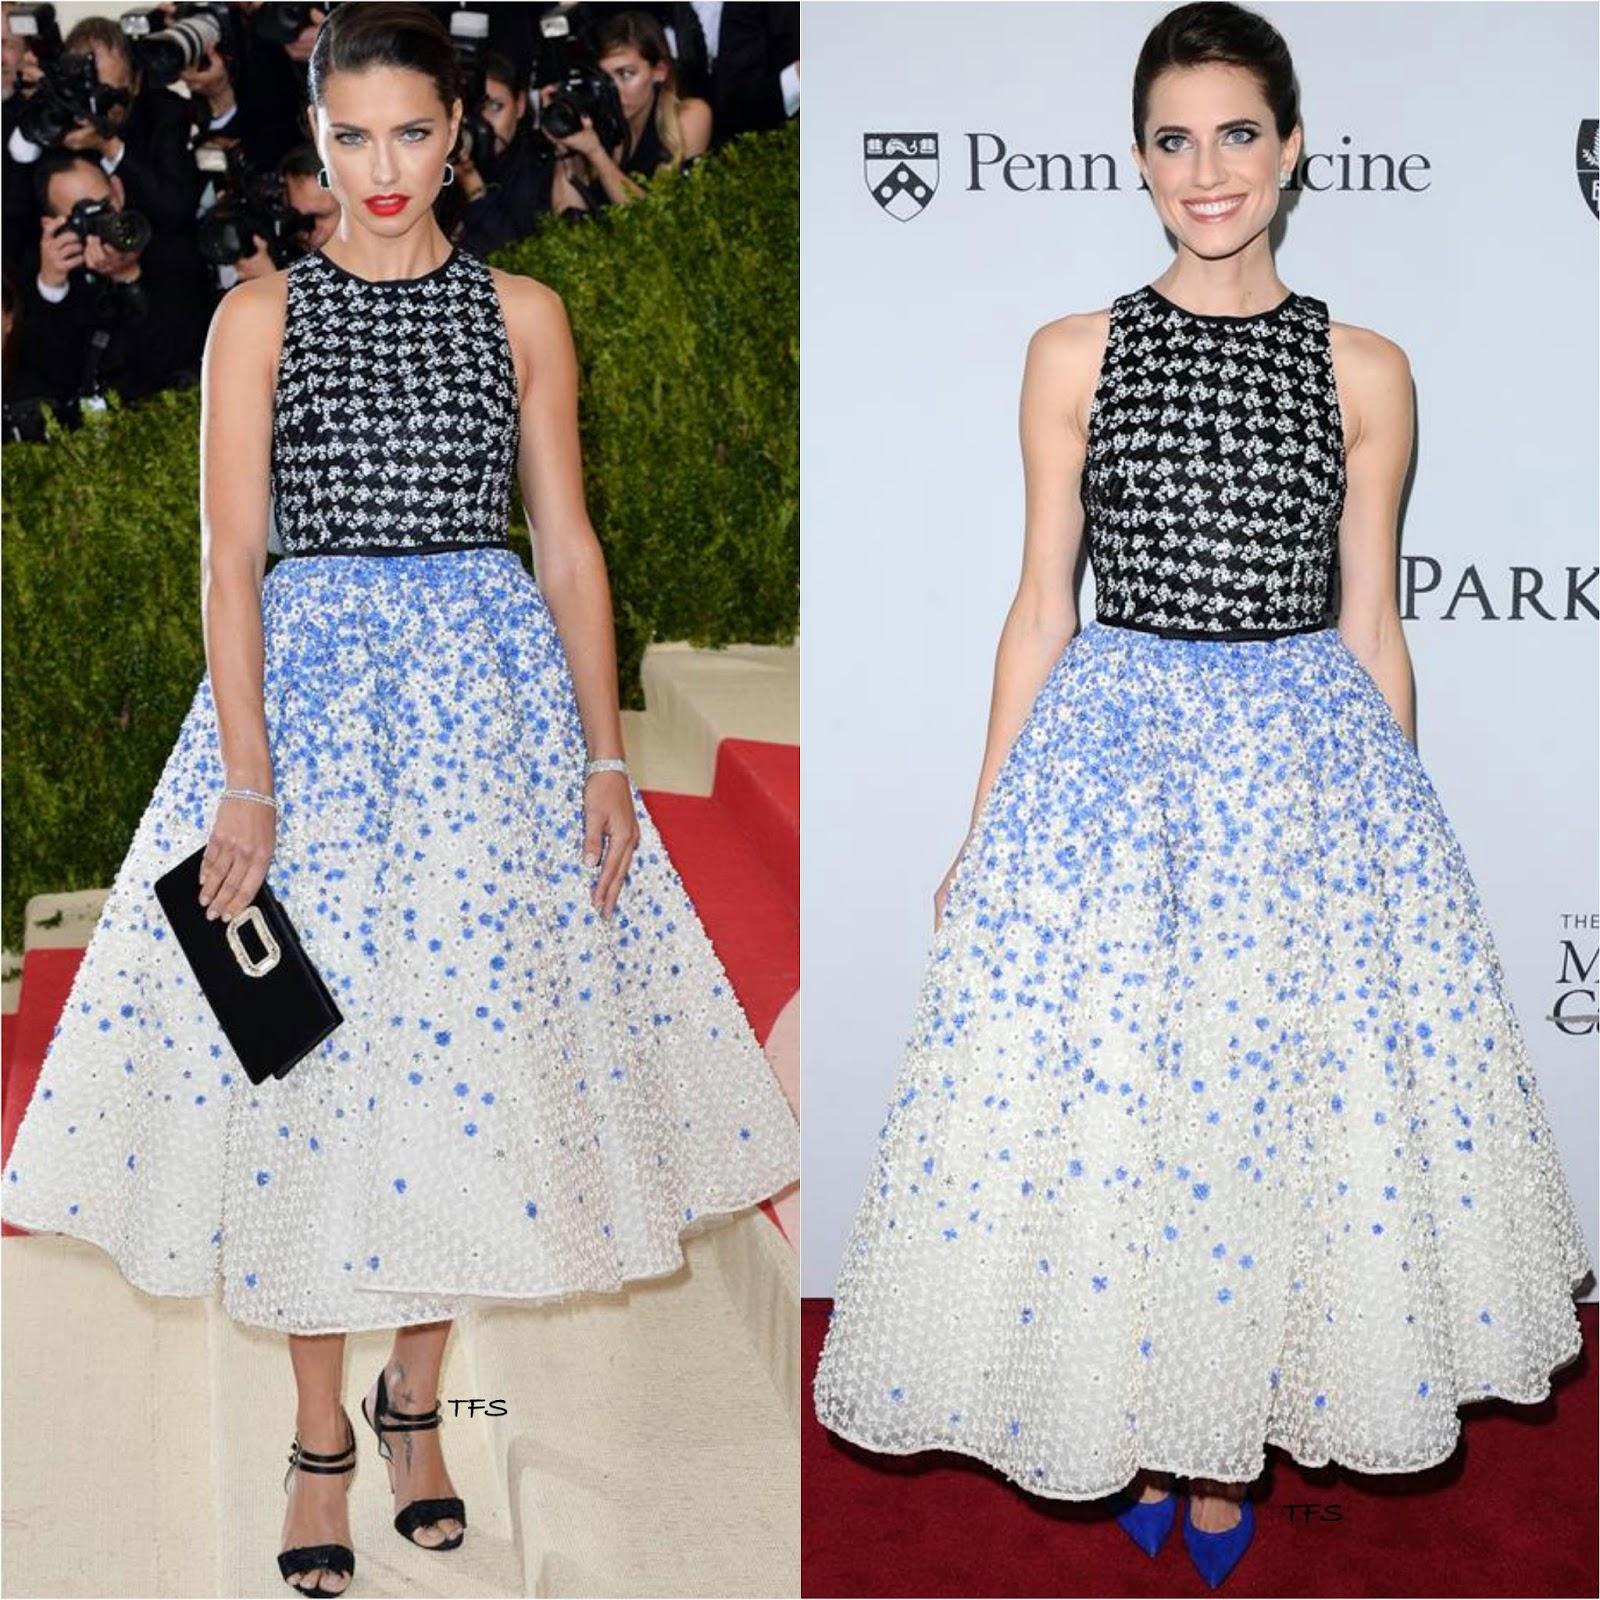 fa46b54bd3da Fashionista War  Adriana Lima Vs. Allison Williams in Giambattista Valli  Spring 2016 Couture